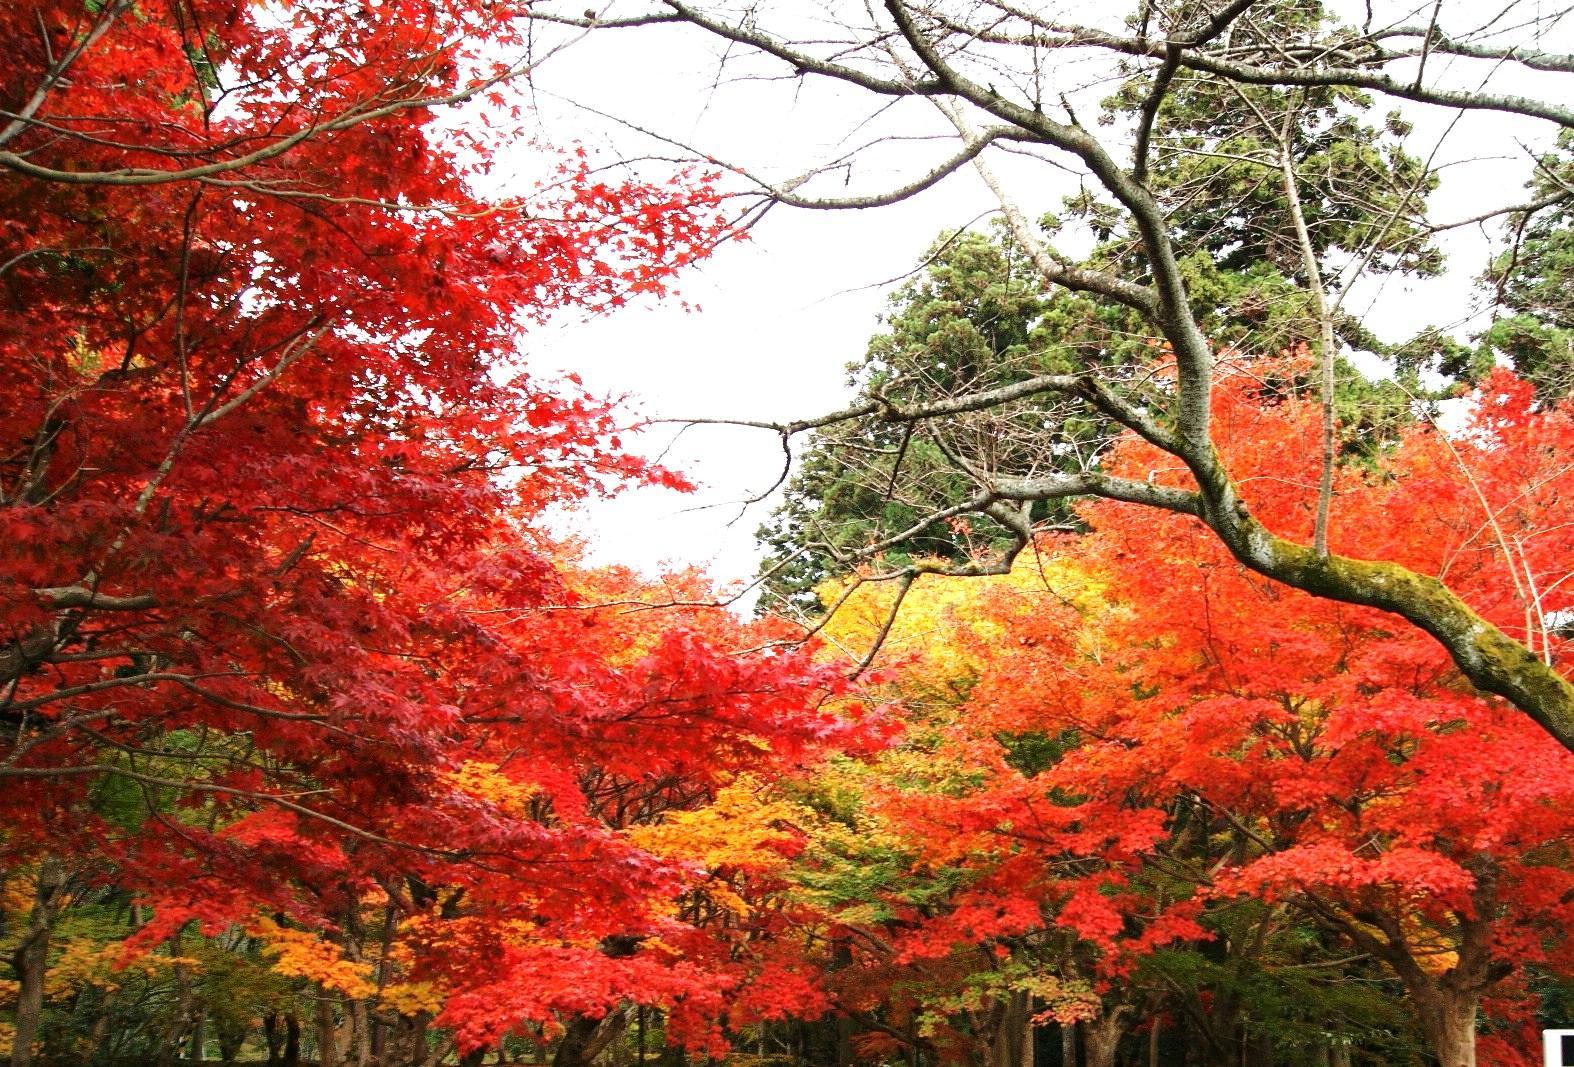 滋賀県の紅葉おすすめスポットのご紹介!ライトアップにメタセコイアは黄金色